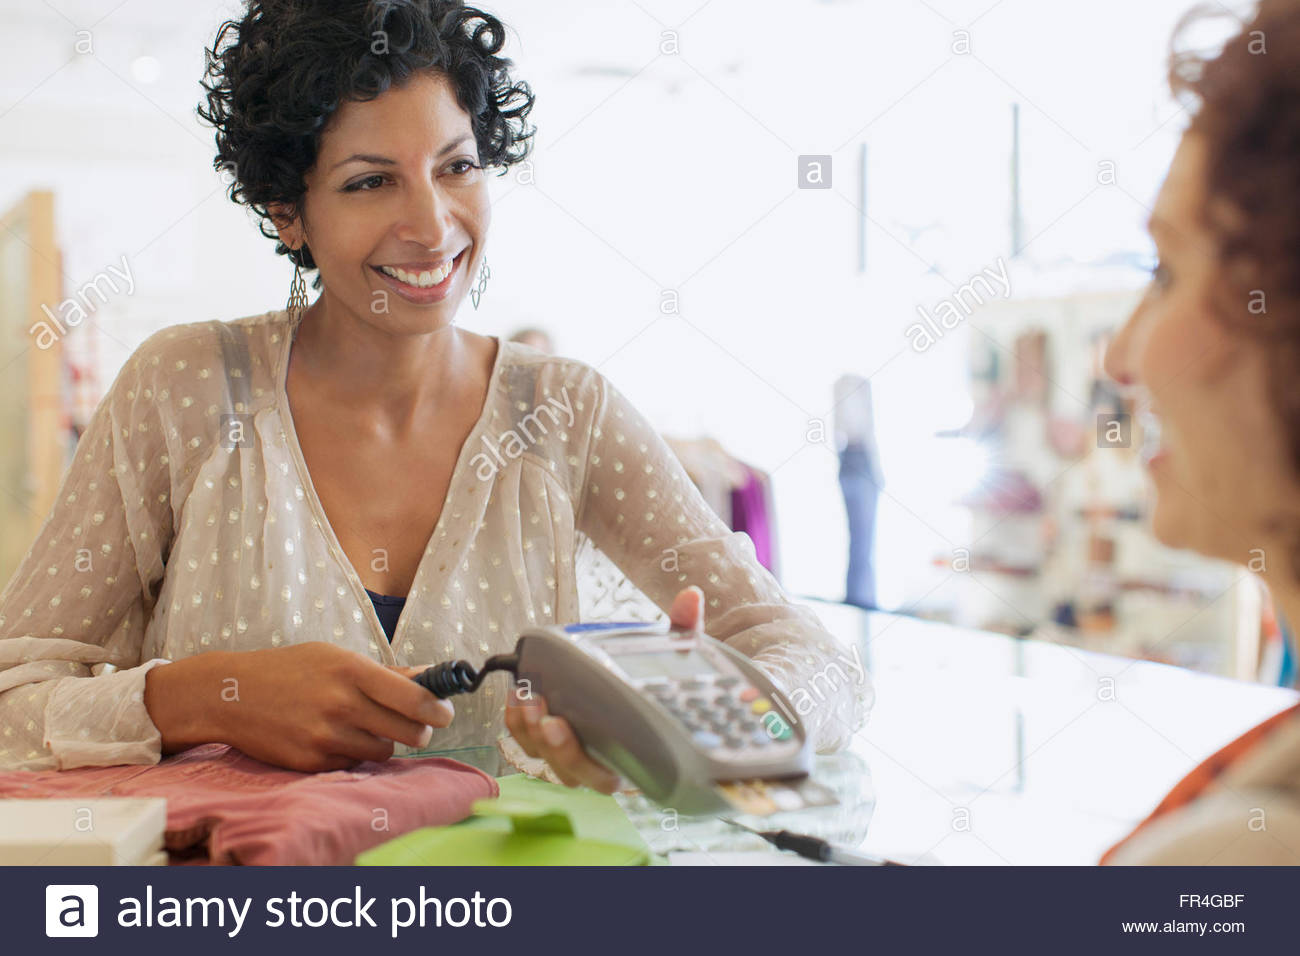 Sales clerk handing debit machine to customer. - Stock Image